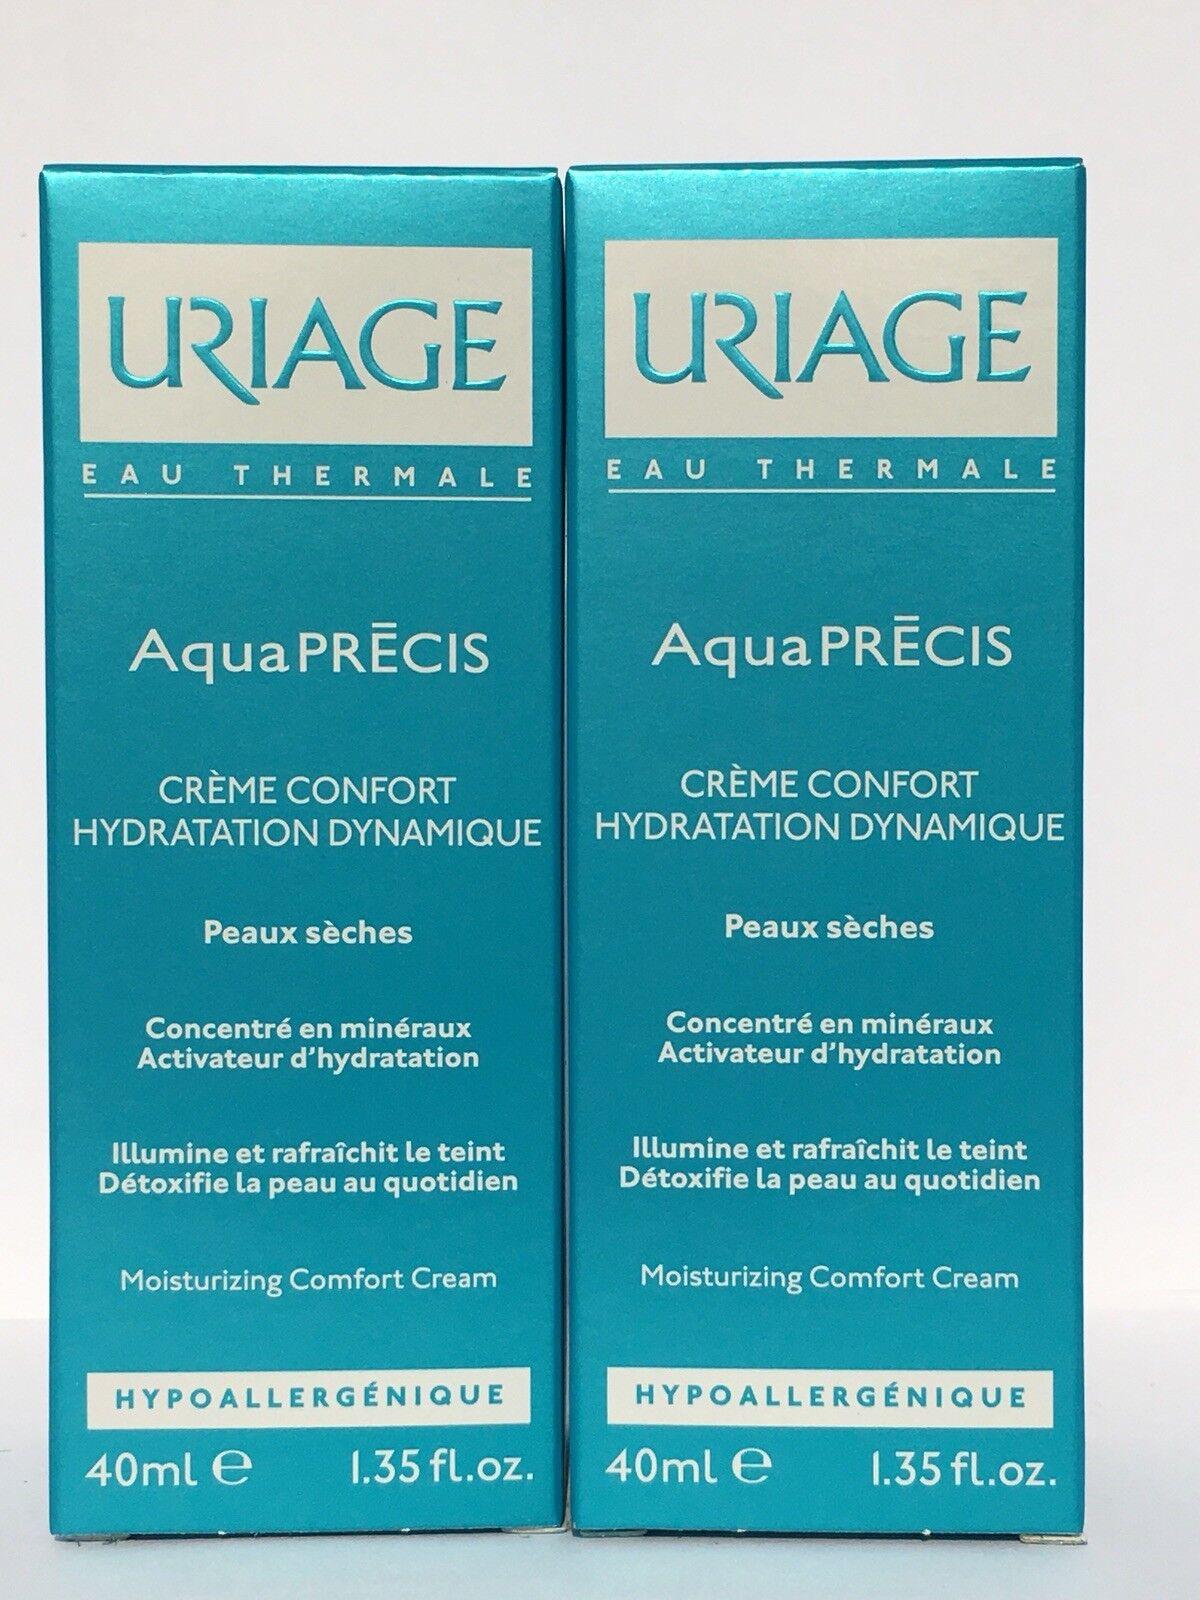 2 Moisturizer Comfort Cream Brighten Hydrates Detoxes Skin F